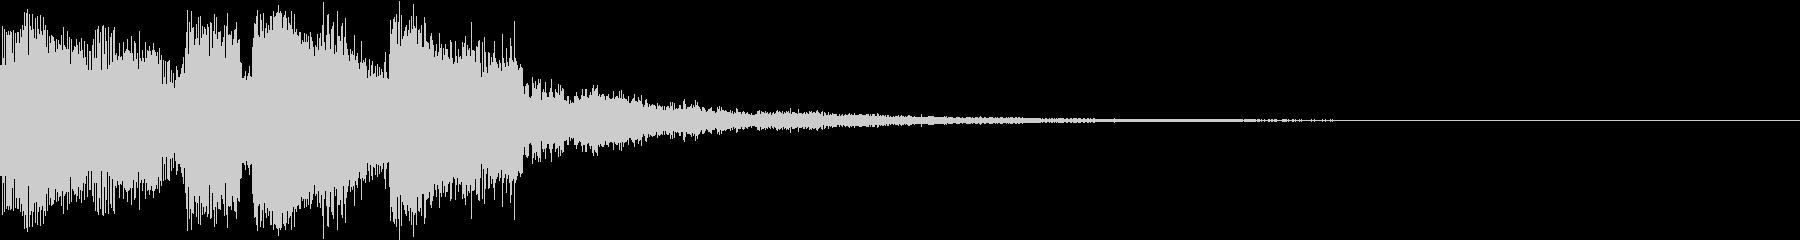 決定 アイコン 出現 表示 レベル Aの未再生の波形